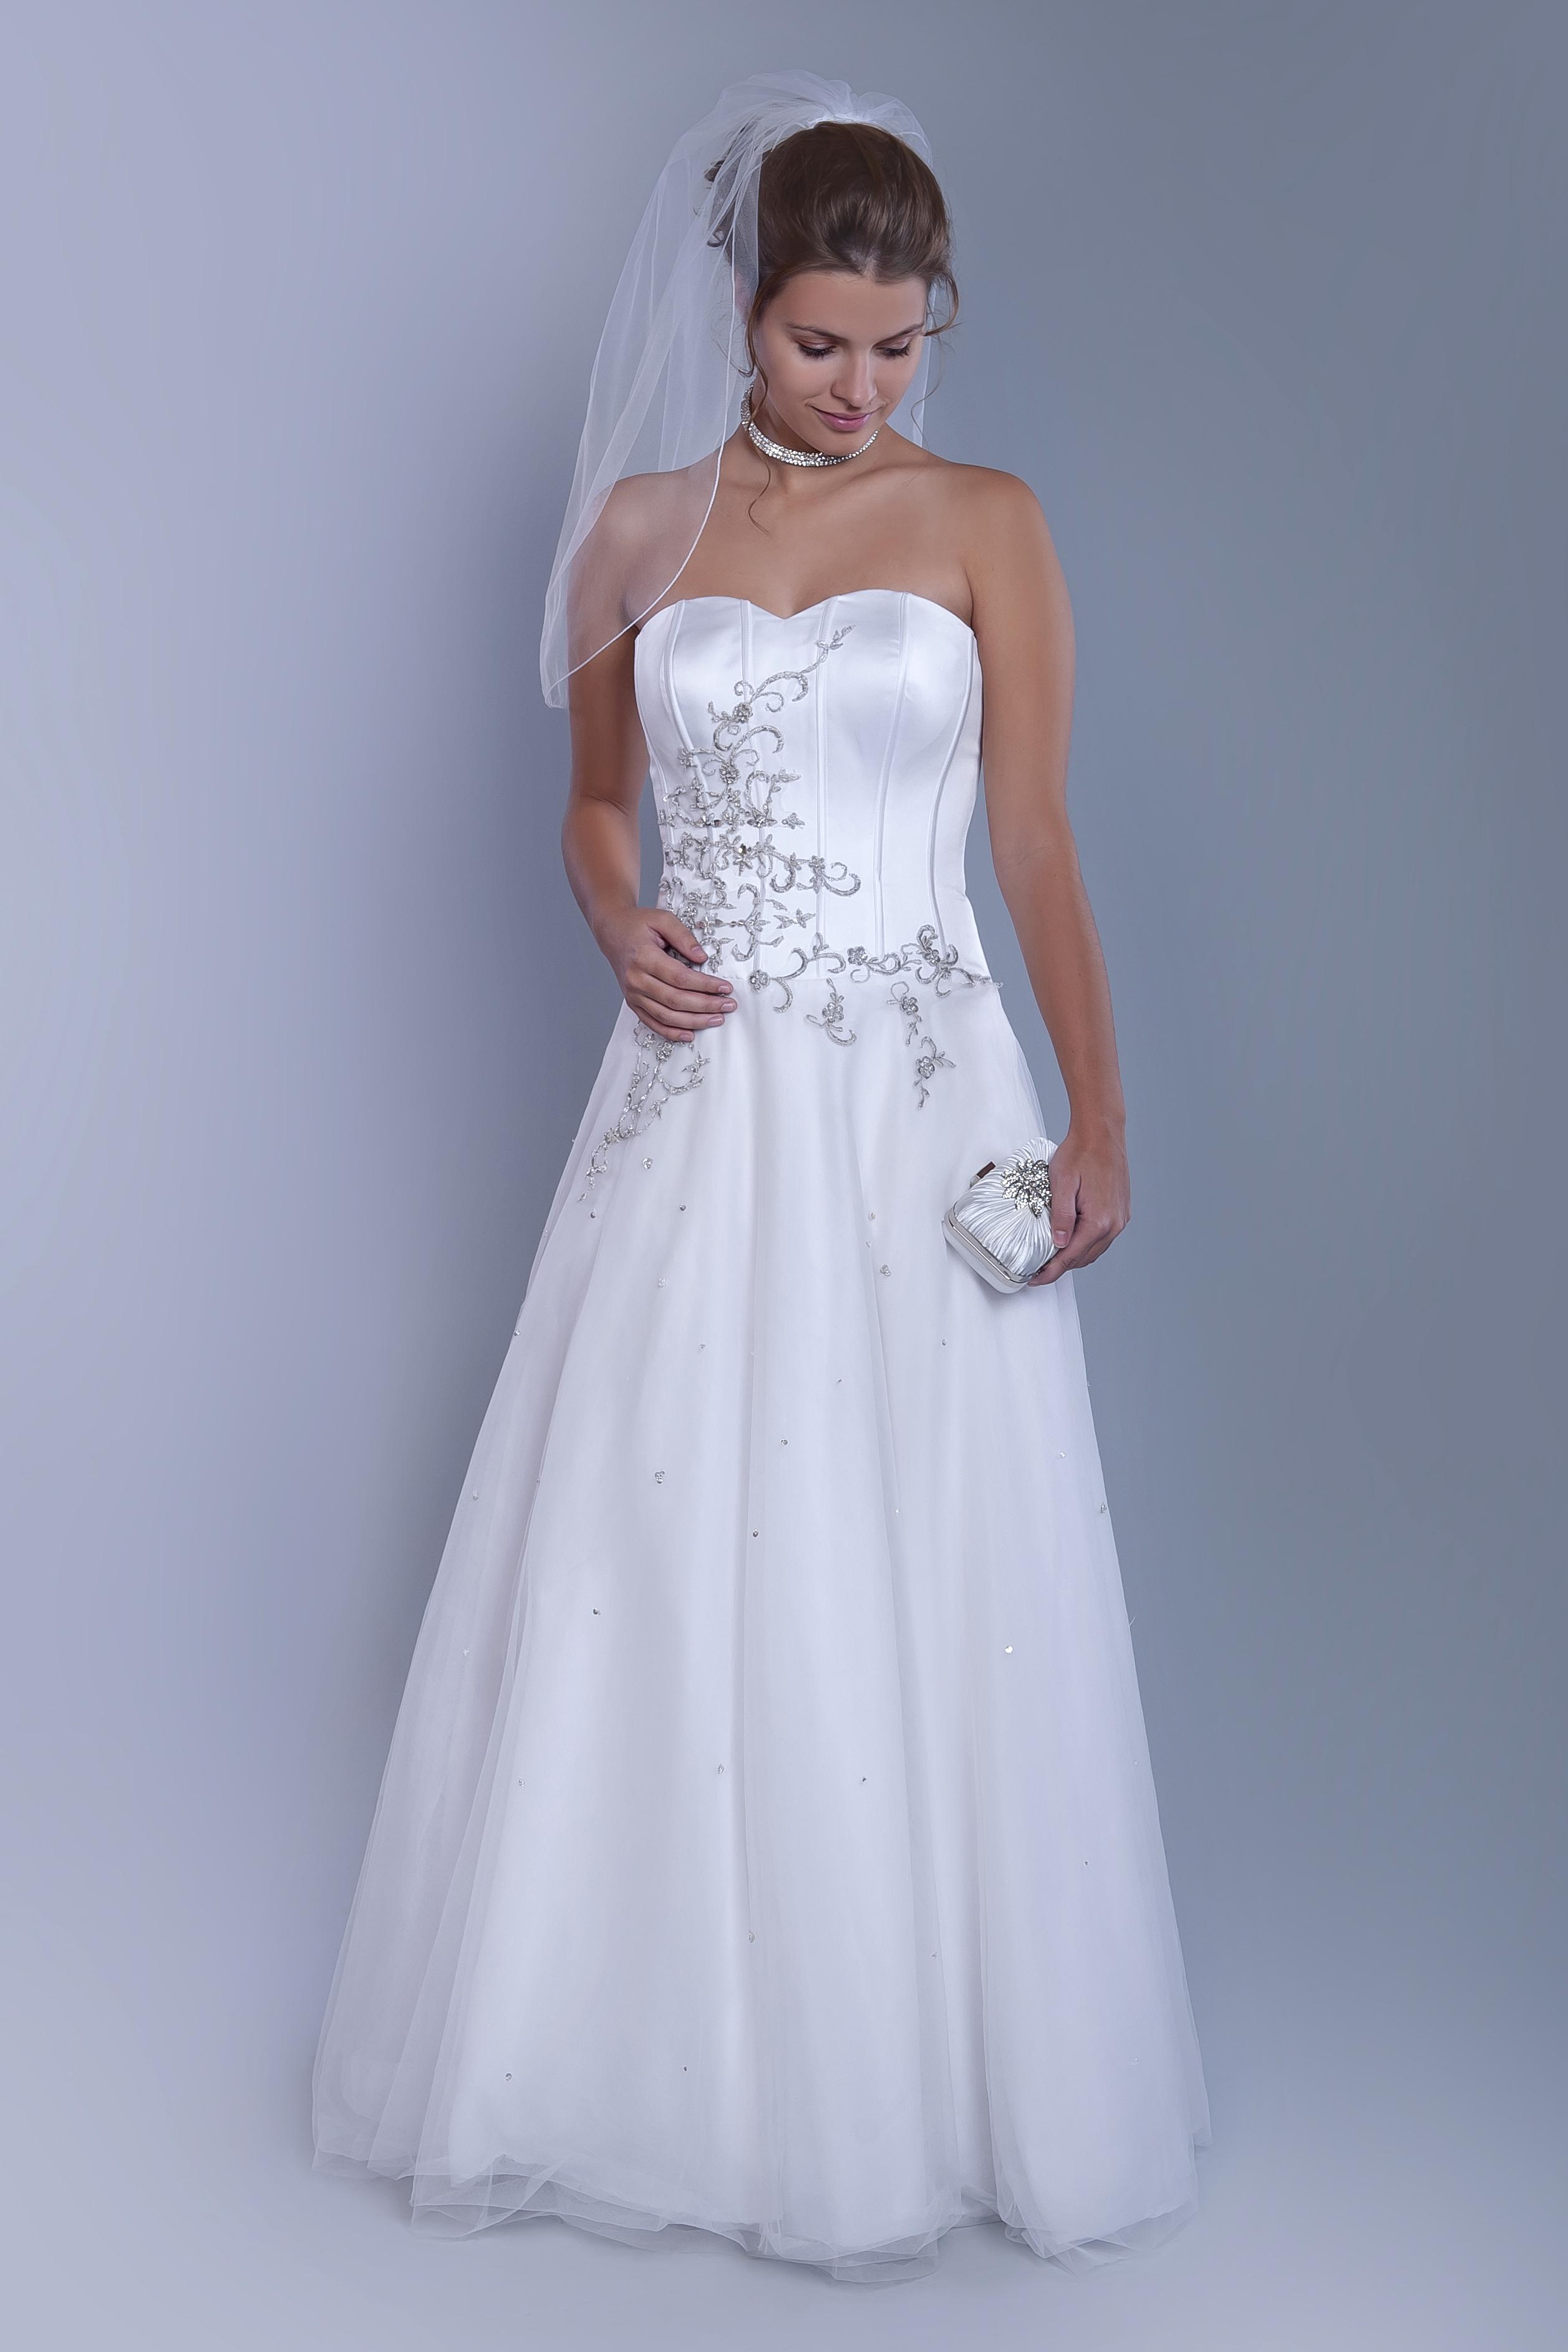 6524c498b0f Bílé svatební šaty se stříbrnou výšivkou